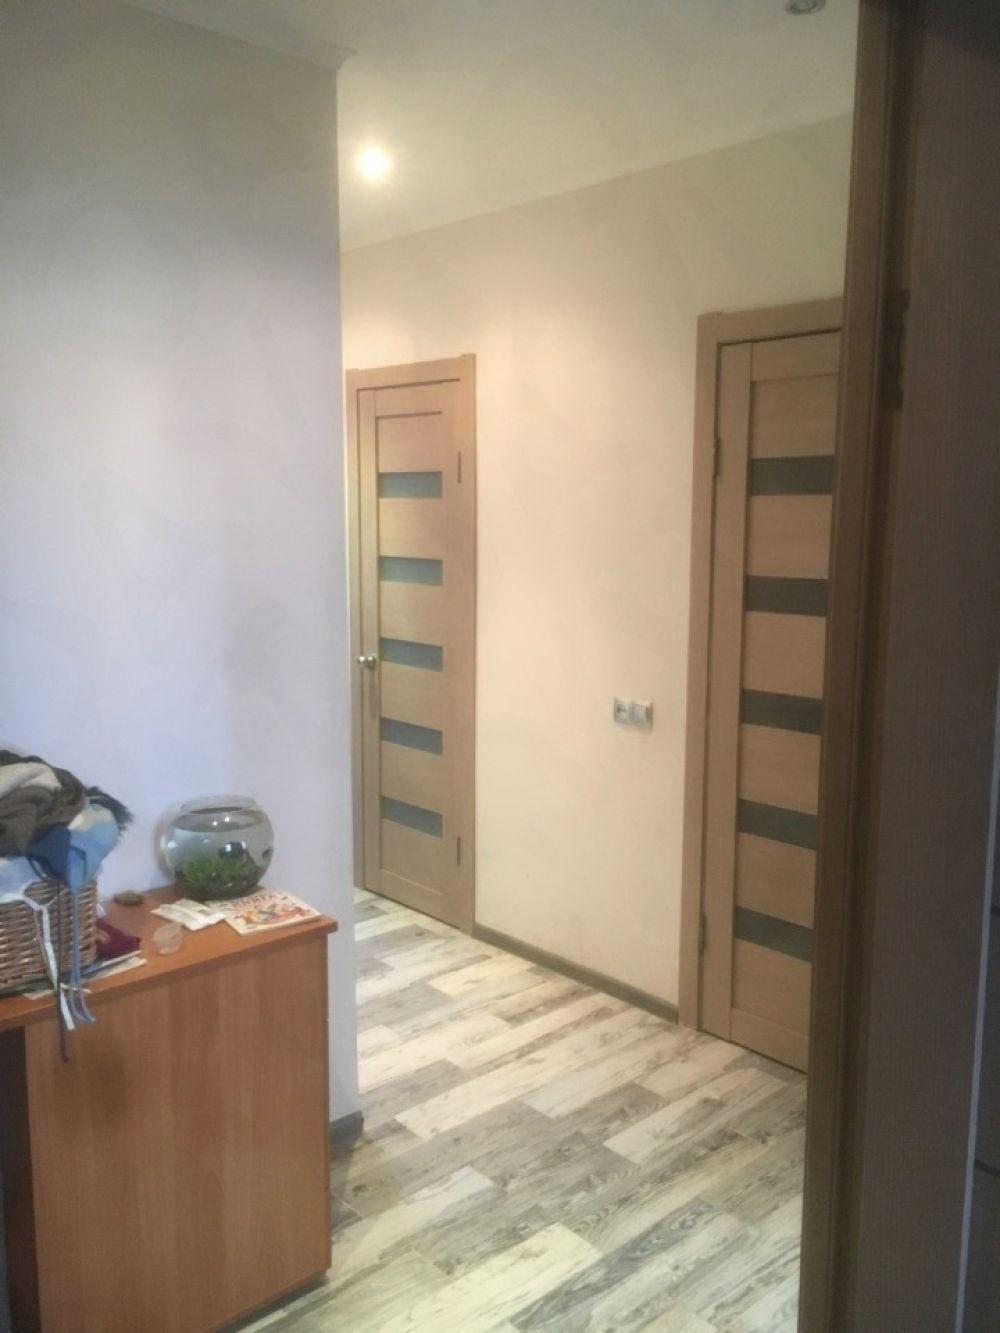 2-к квартира, Щелково, микрорайон Потаповский, 1к2, фото 7